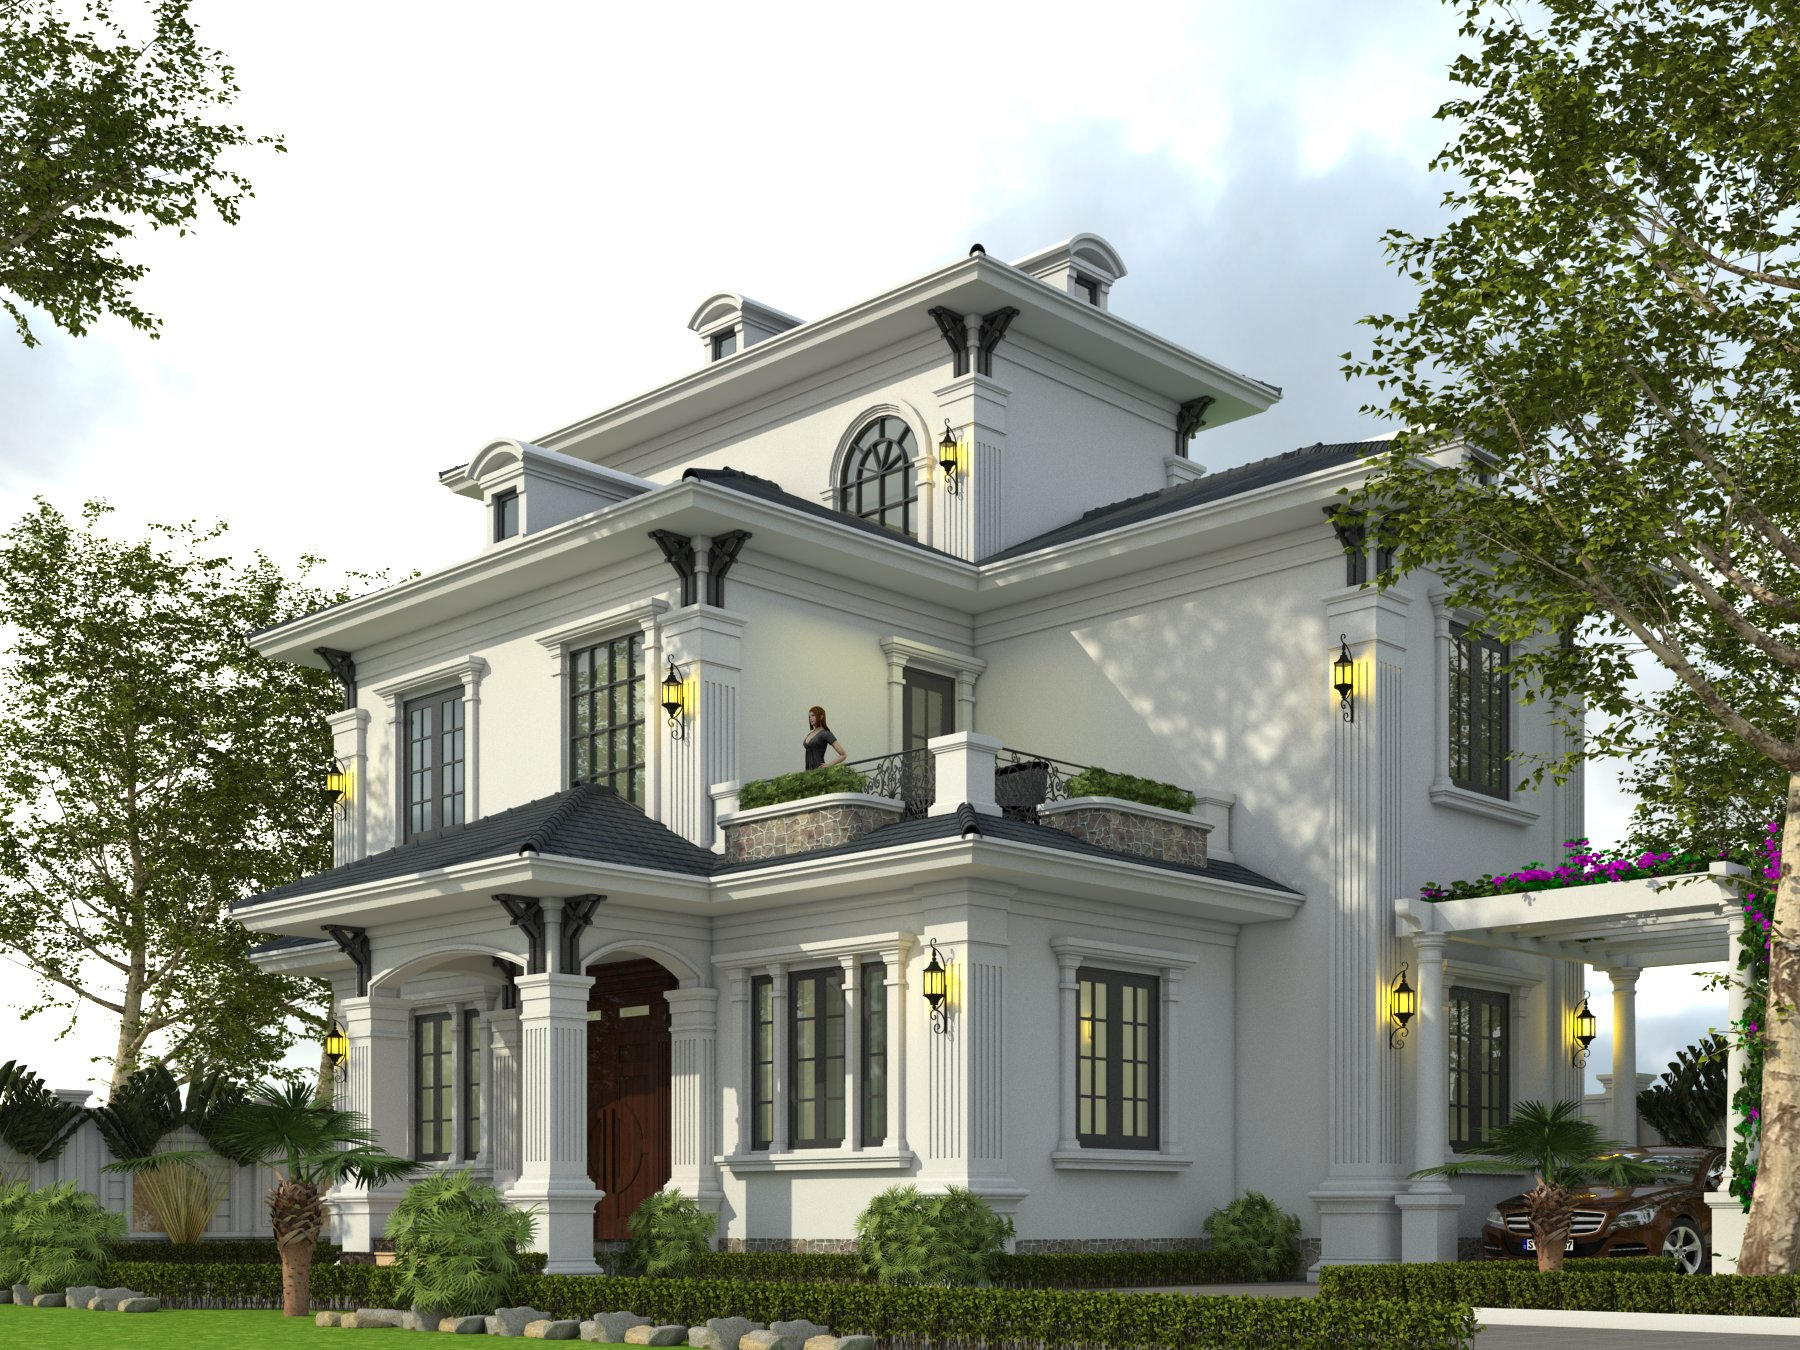 thiết kế nhà biệt thự 3 tầng mái thái đẹp 2